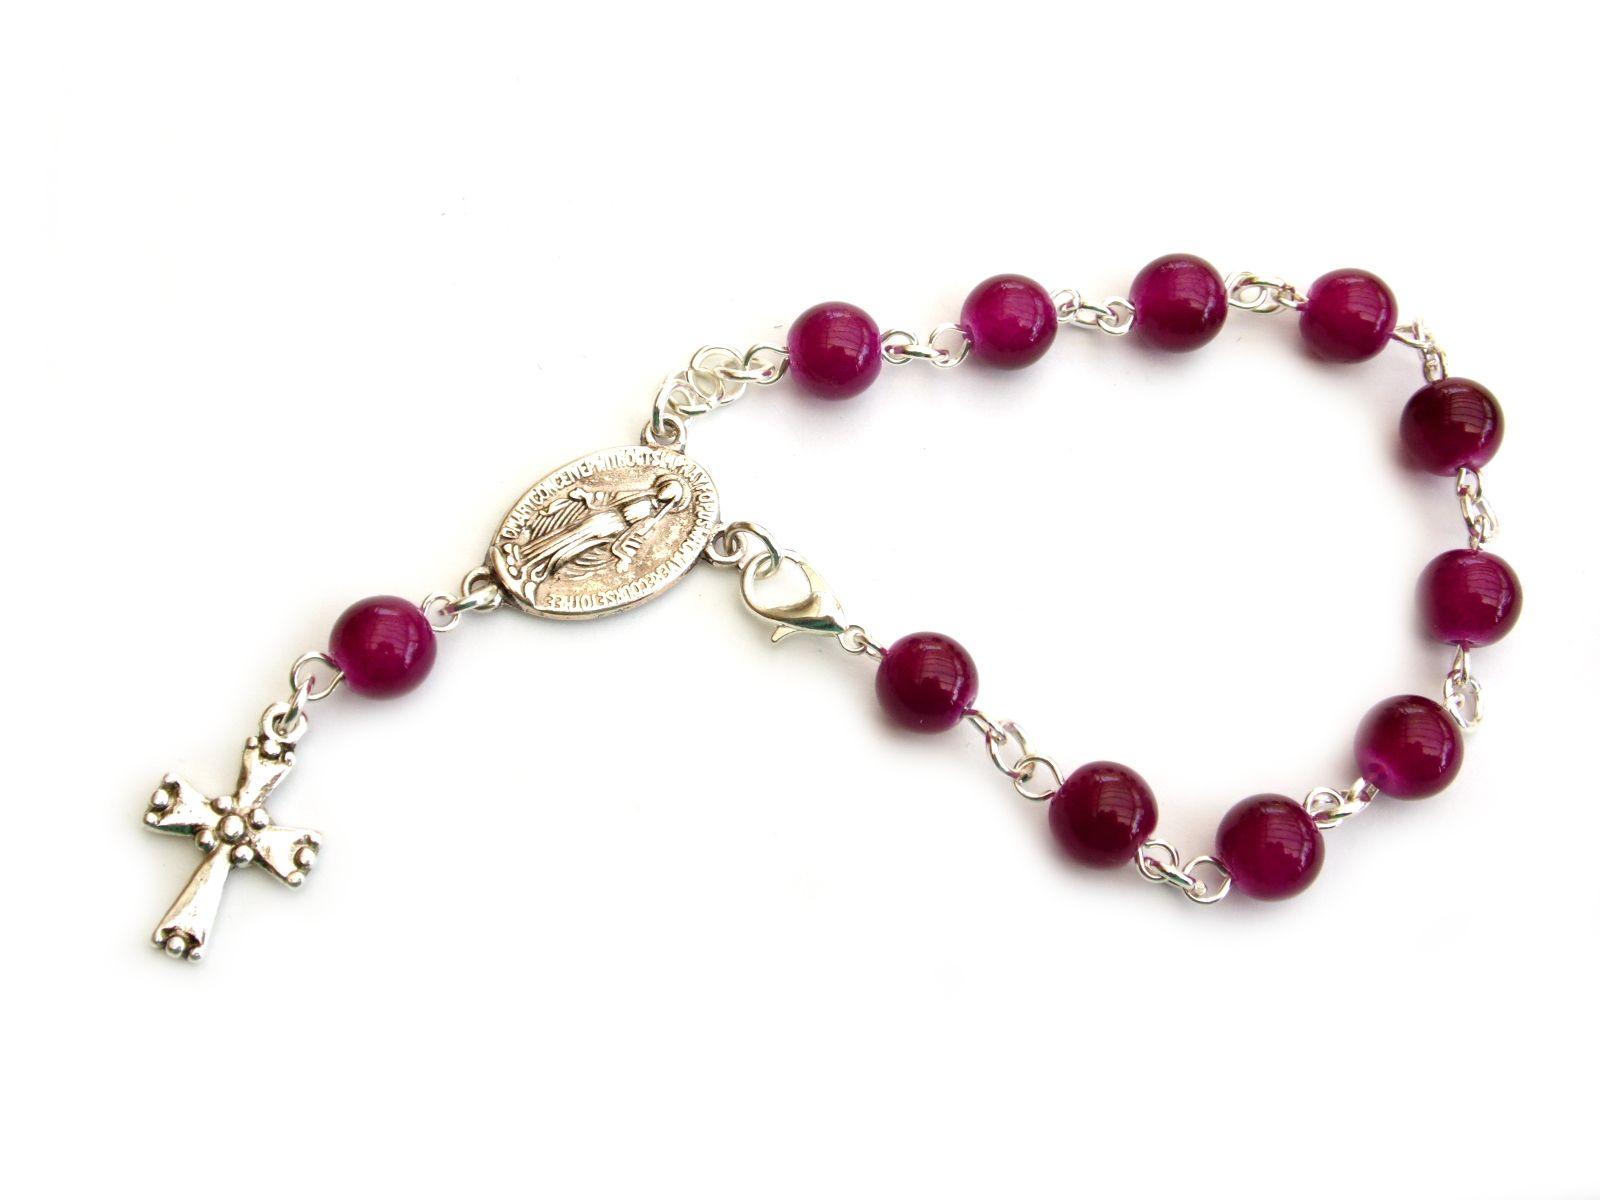 Dziesiątka różańca w formie bransoletki - z wiśniowego kwarcu